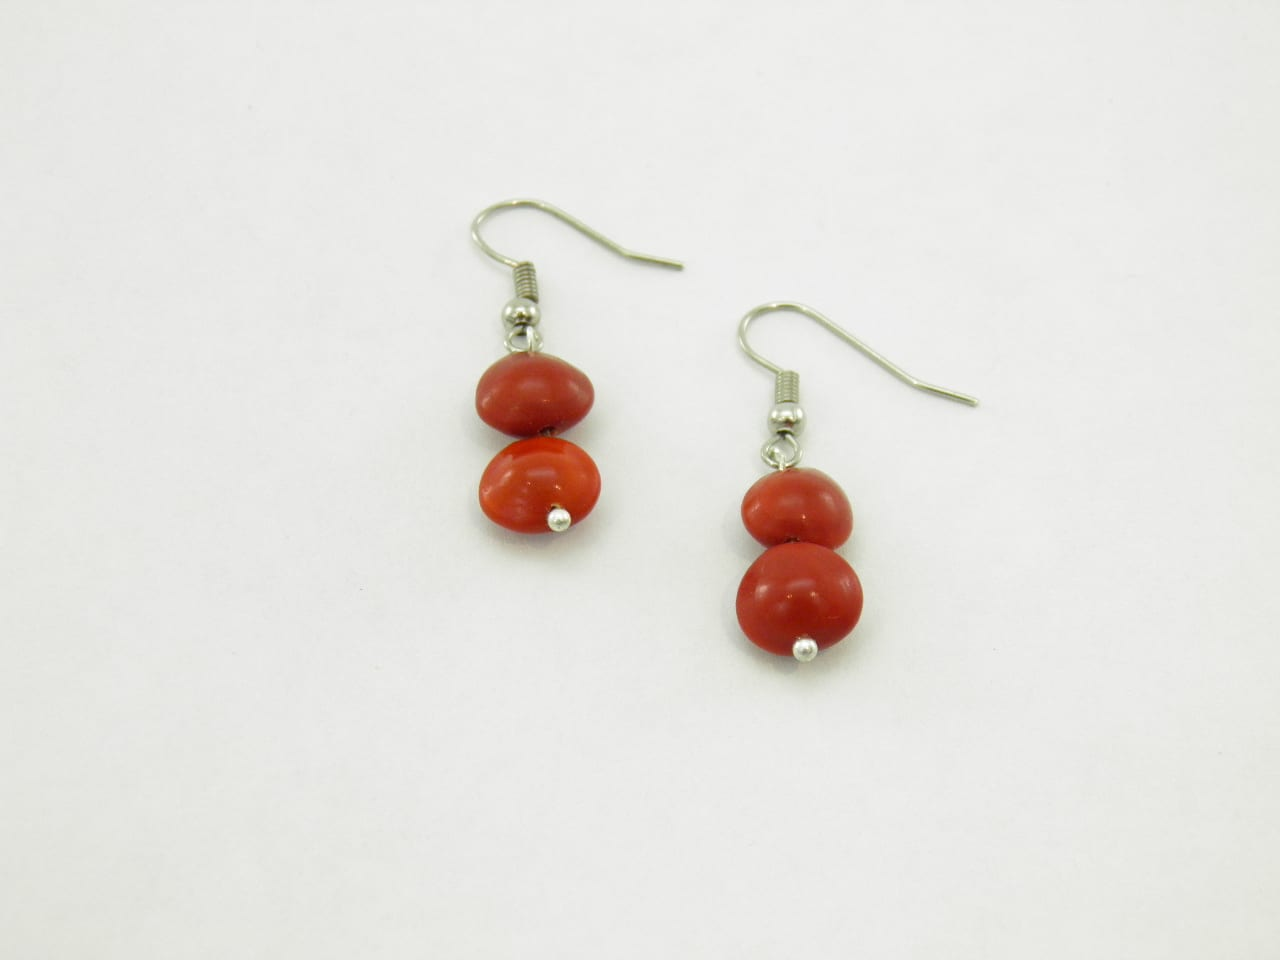 Les Pépites - Boucles d'oreilles graines naturelles - Rouge